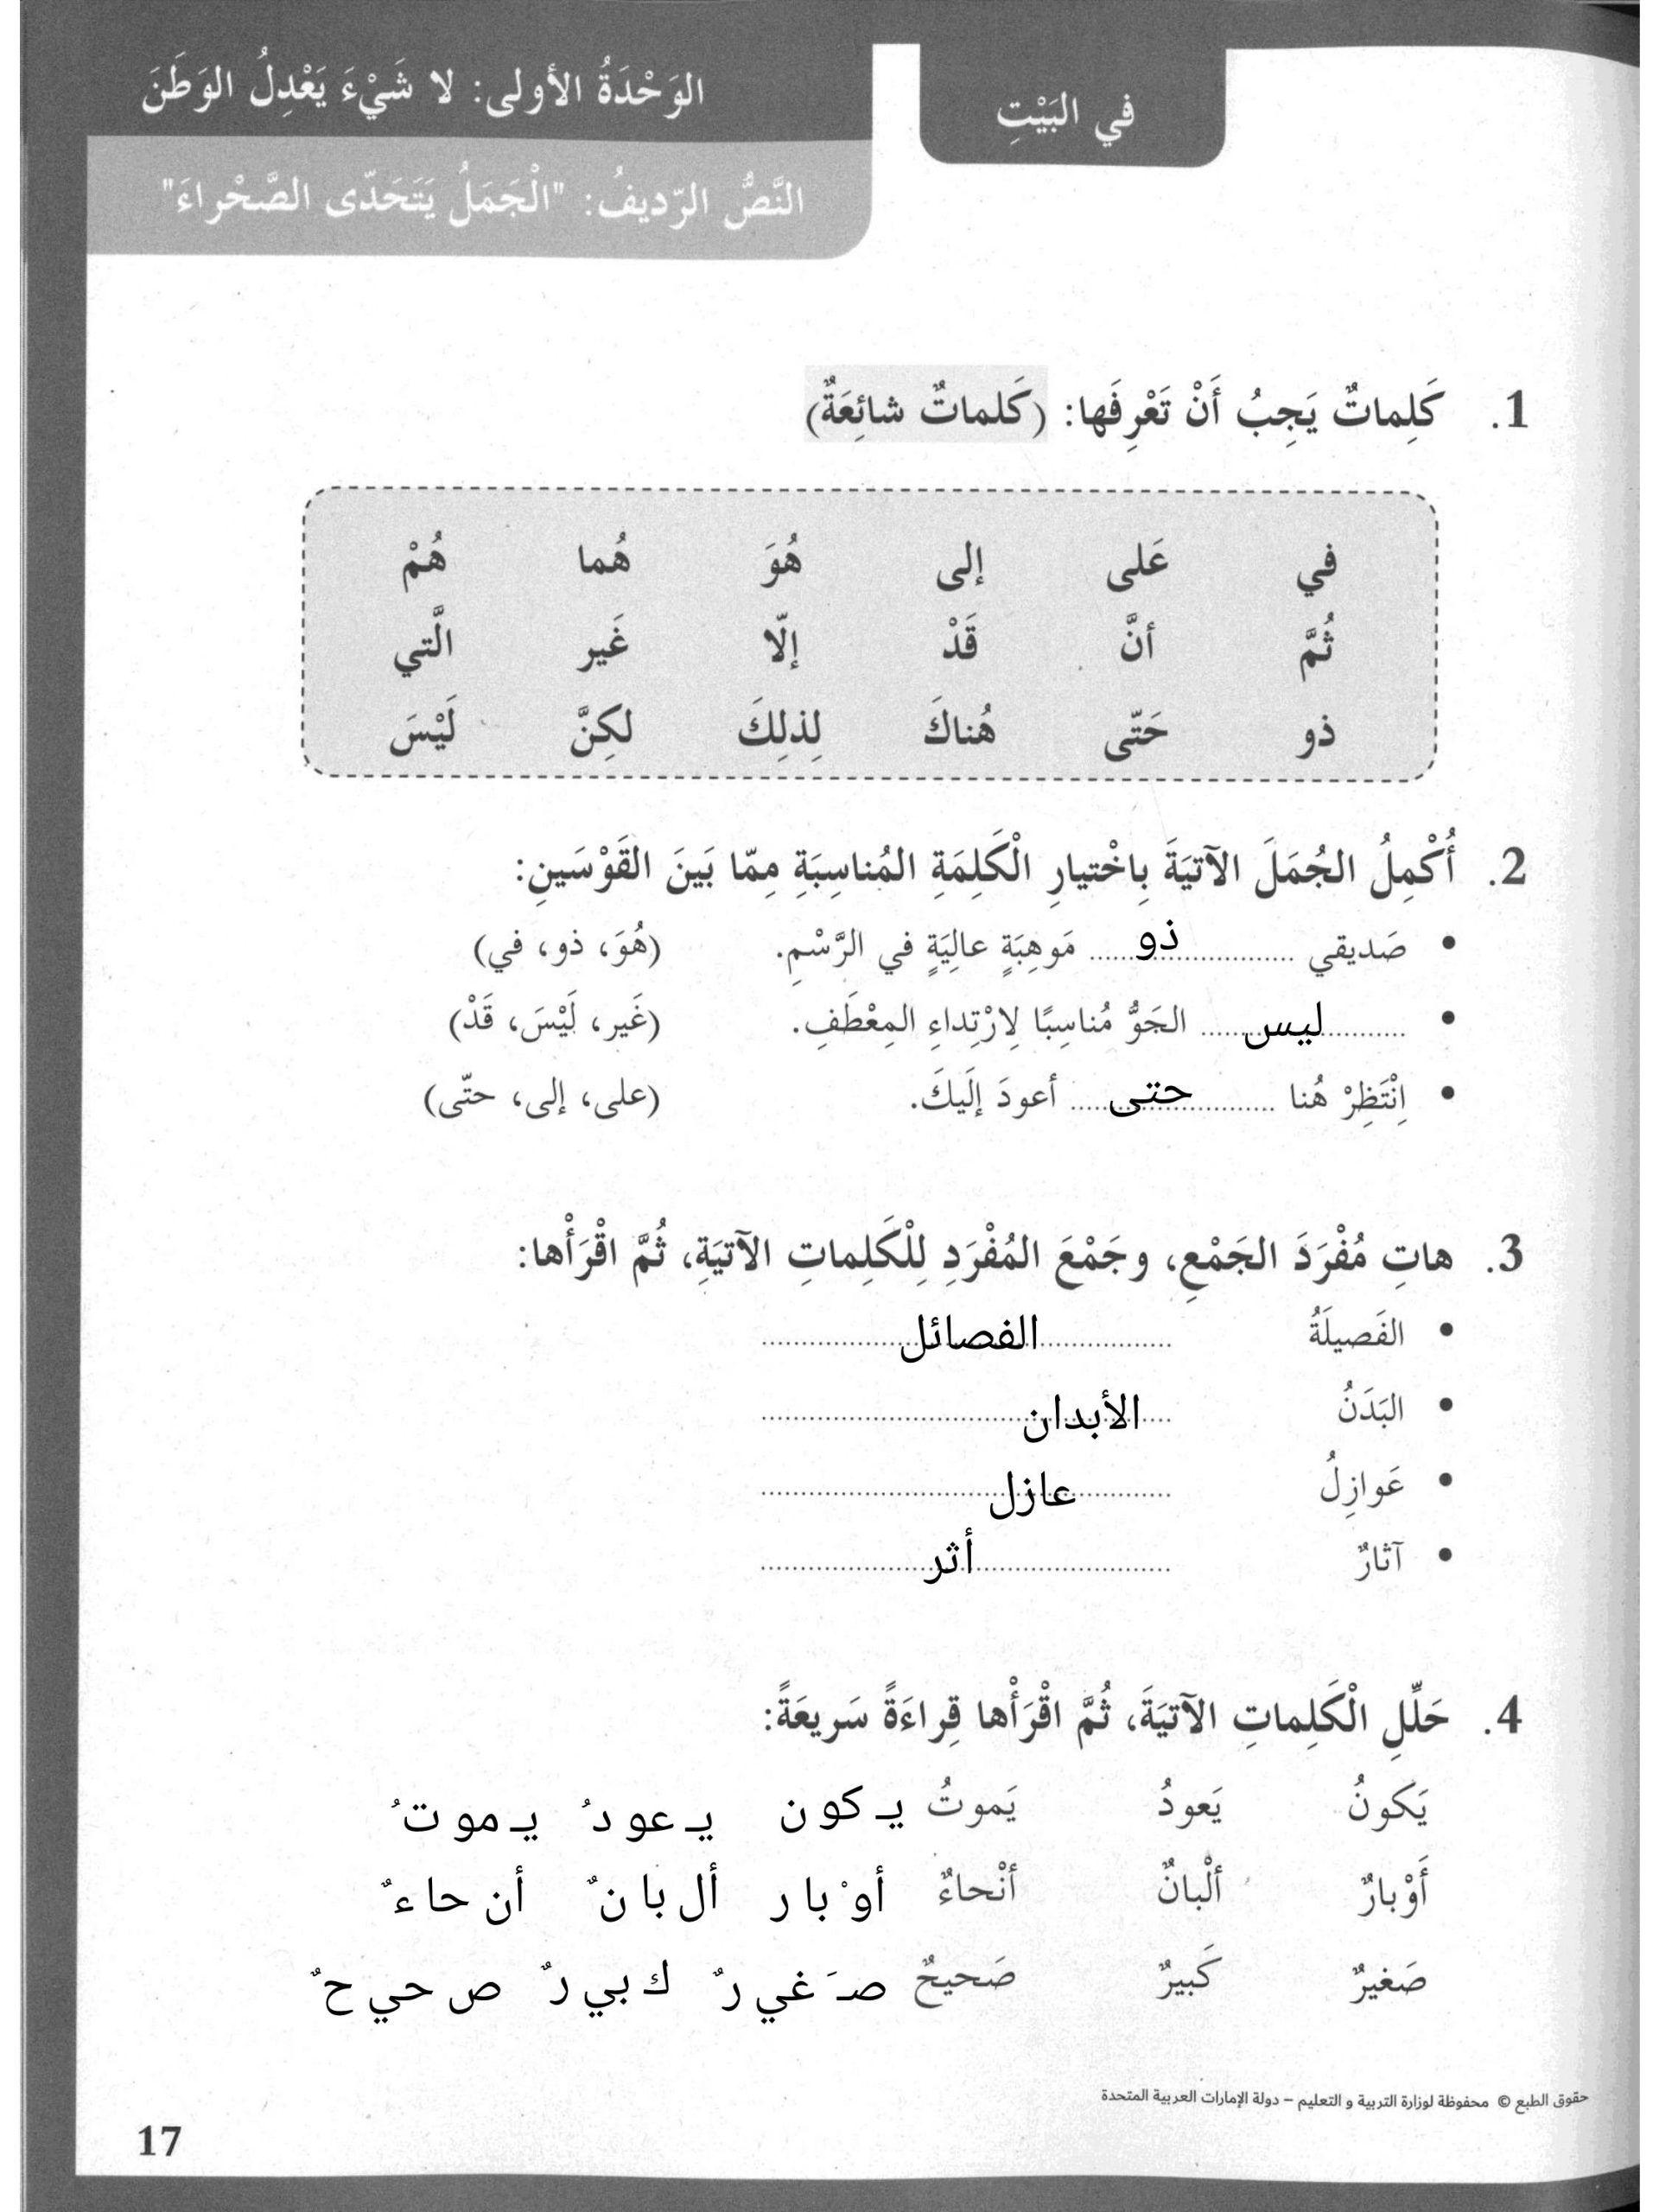 درس الجمل يتحدى الصحراء مع الاجابات للصف الرابع مادة اللغة العربية Word Search Puzzle Words Math